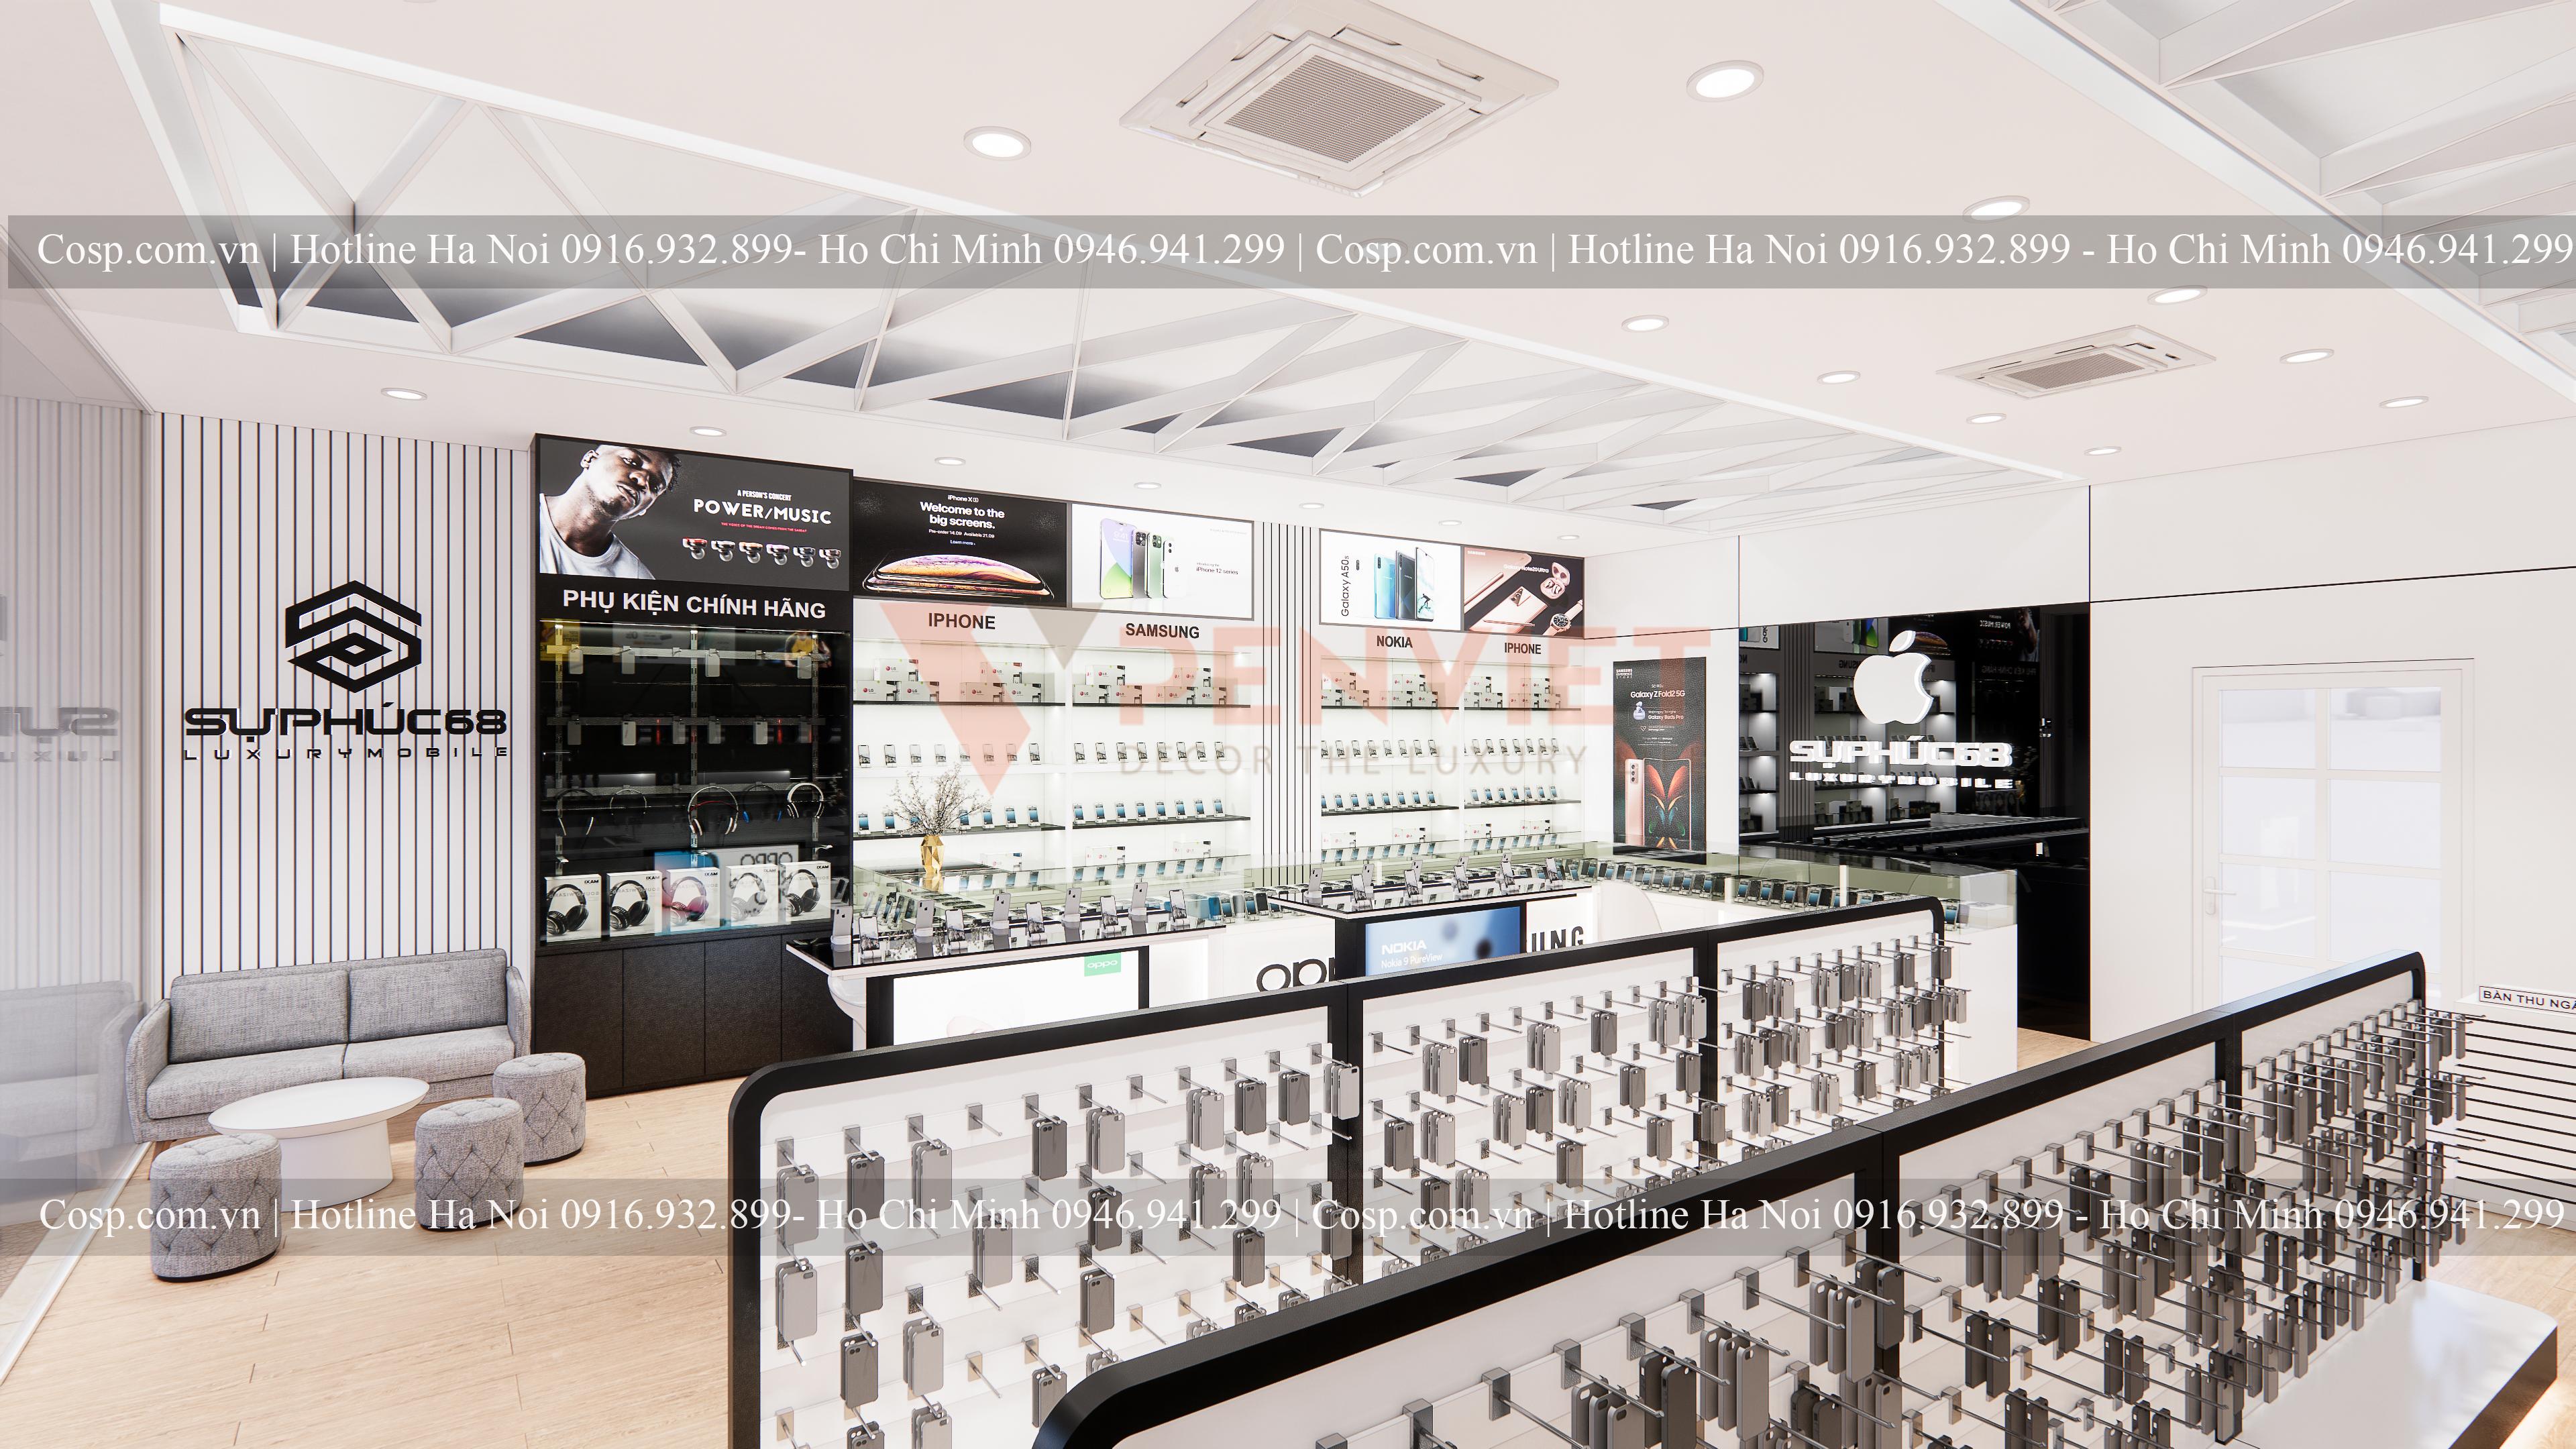 Giải pháp làm đẹp thiết kế shop điện thoại băng kính cường lực